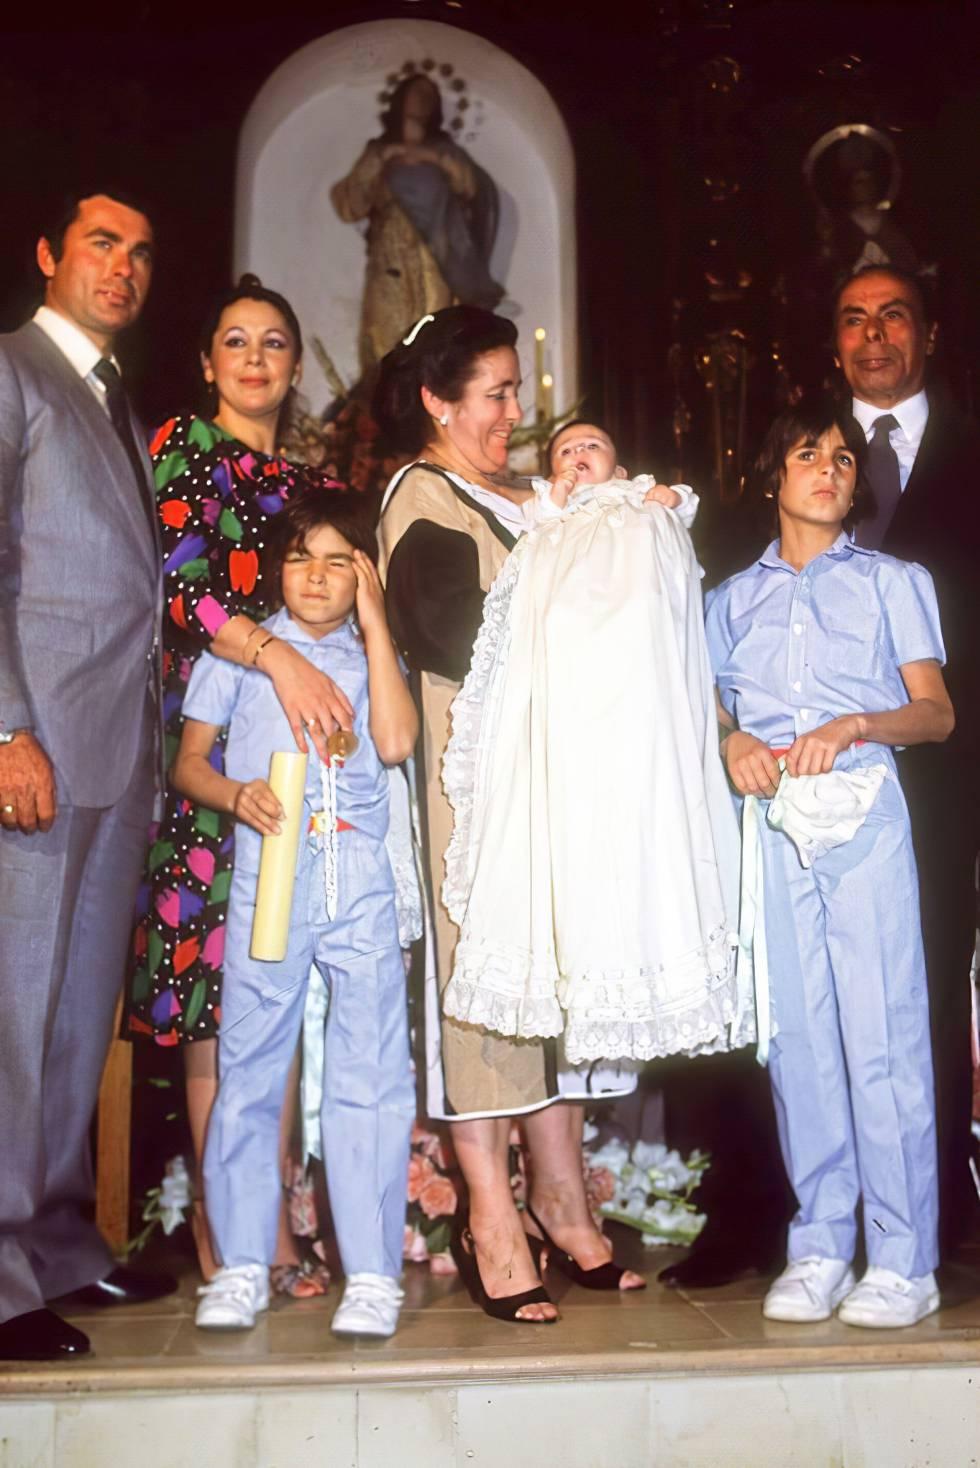 El 9 de febrero de 1984 nació Kiko Rivera. En la imagen, Francisco Rivera Paquirri e Isabel Pantoja, junto a los dos hijos de su marido, Cayetano y Fran. La madre de la cantante, Ana, con el recién nacido en brazos, y el padre del torero, Antonio Rivera.